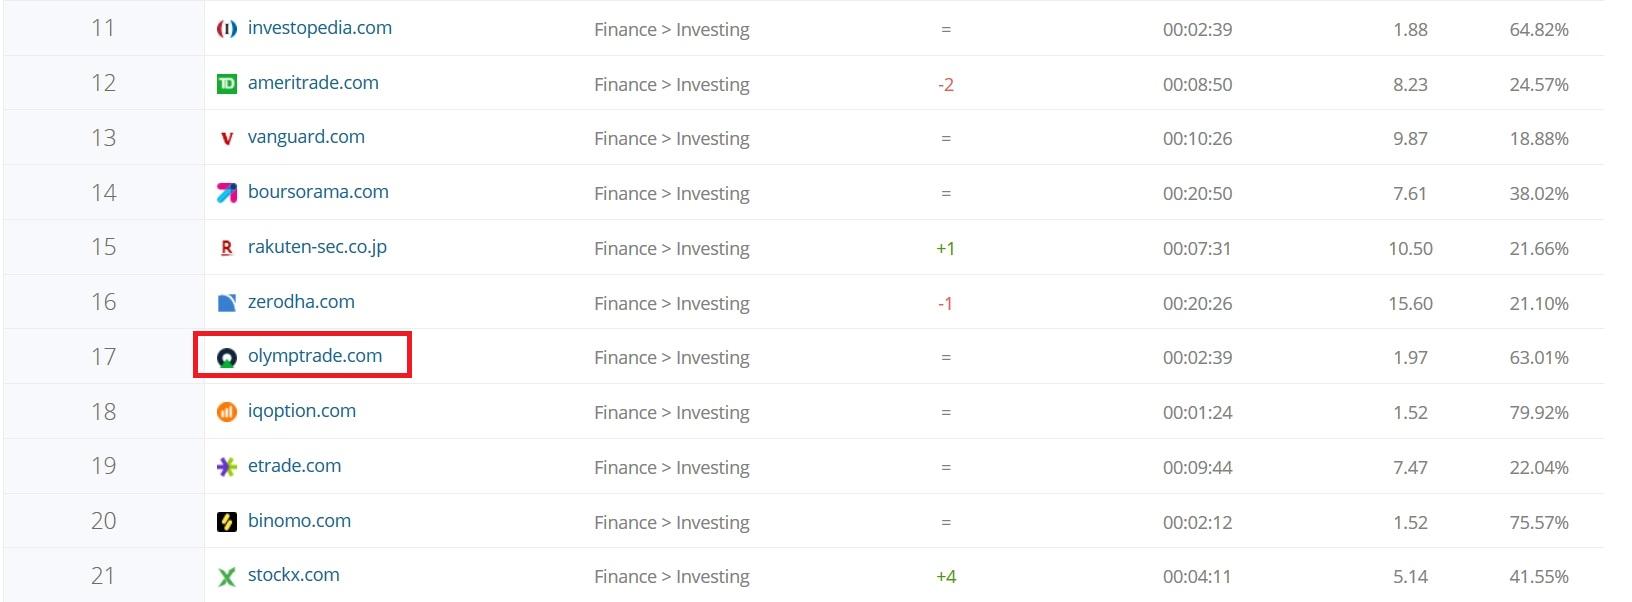 Membandingkan peringkat Olymp Trade dengan website lainnya dalam keuangan